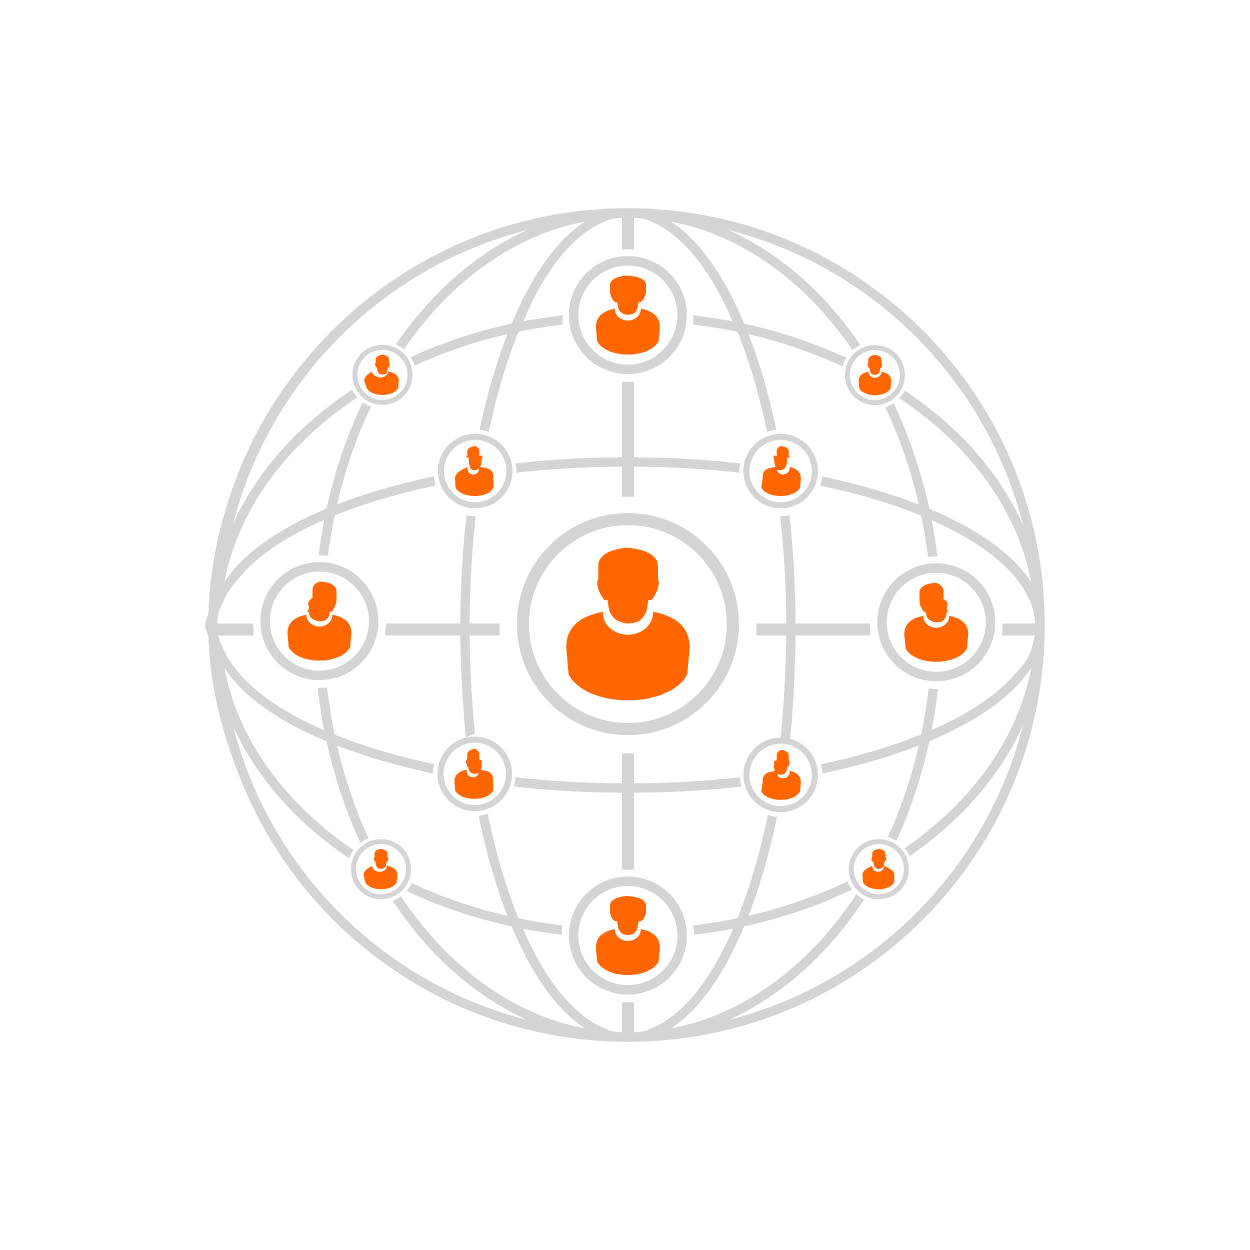 Rede de afiliados diversa com alcance global